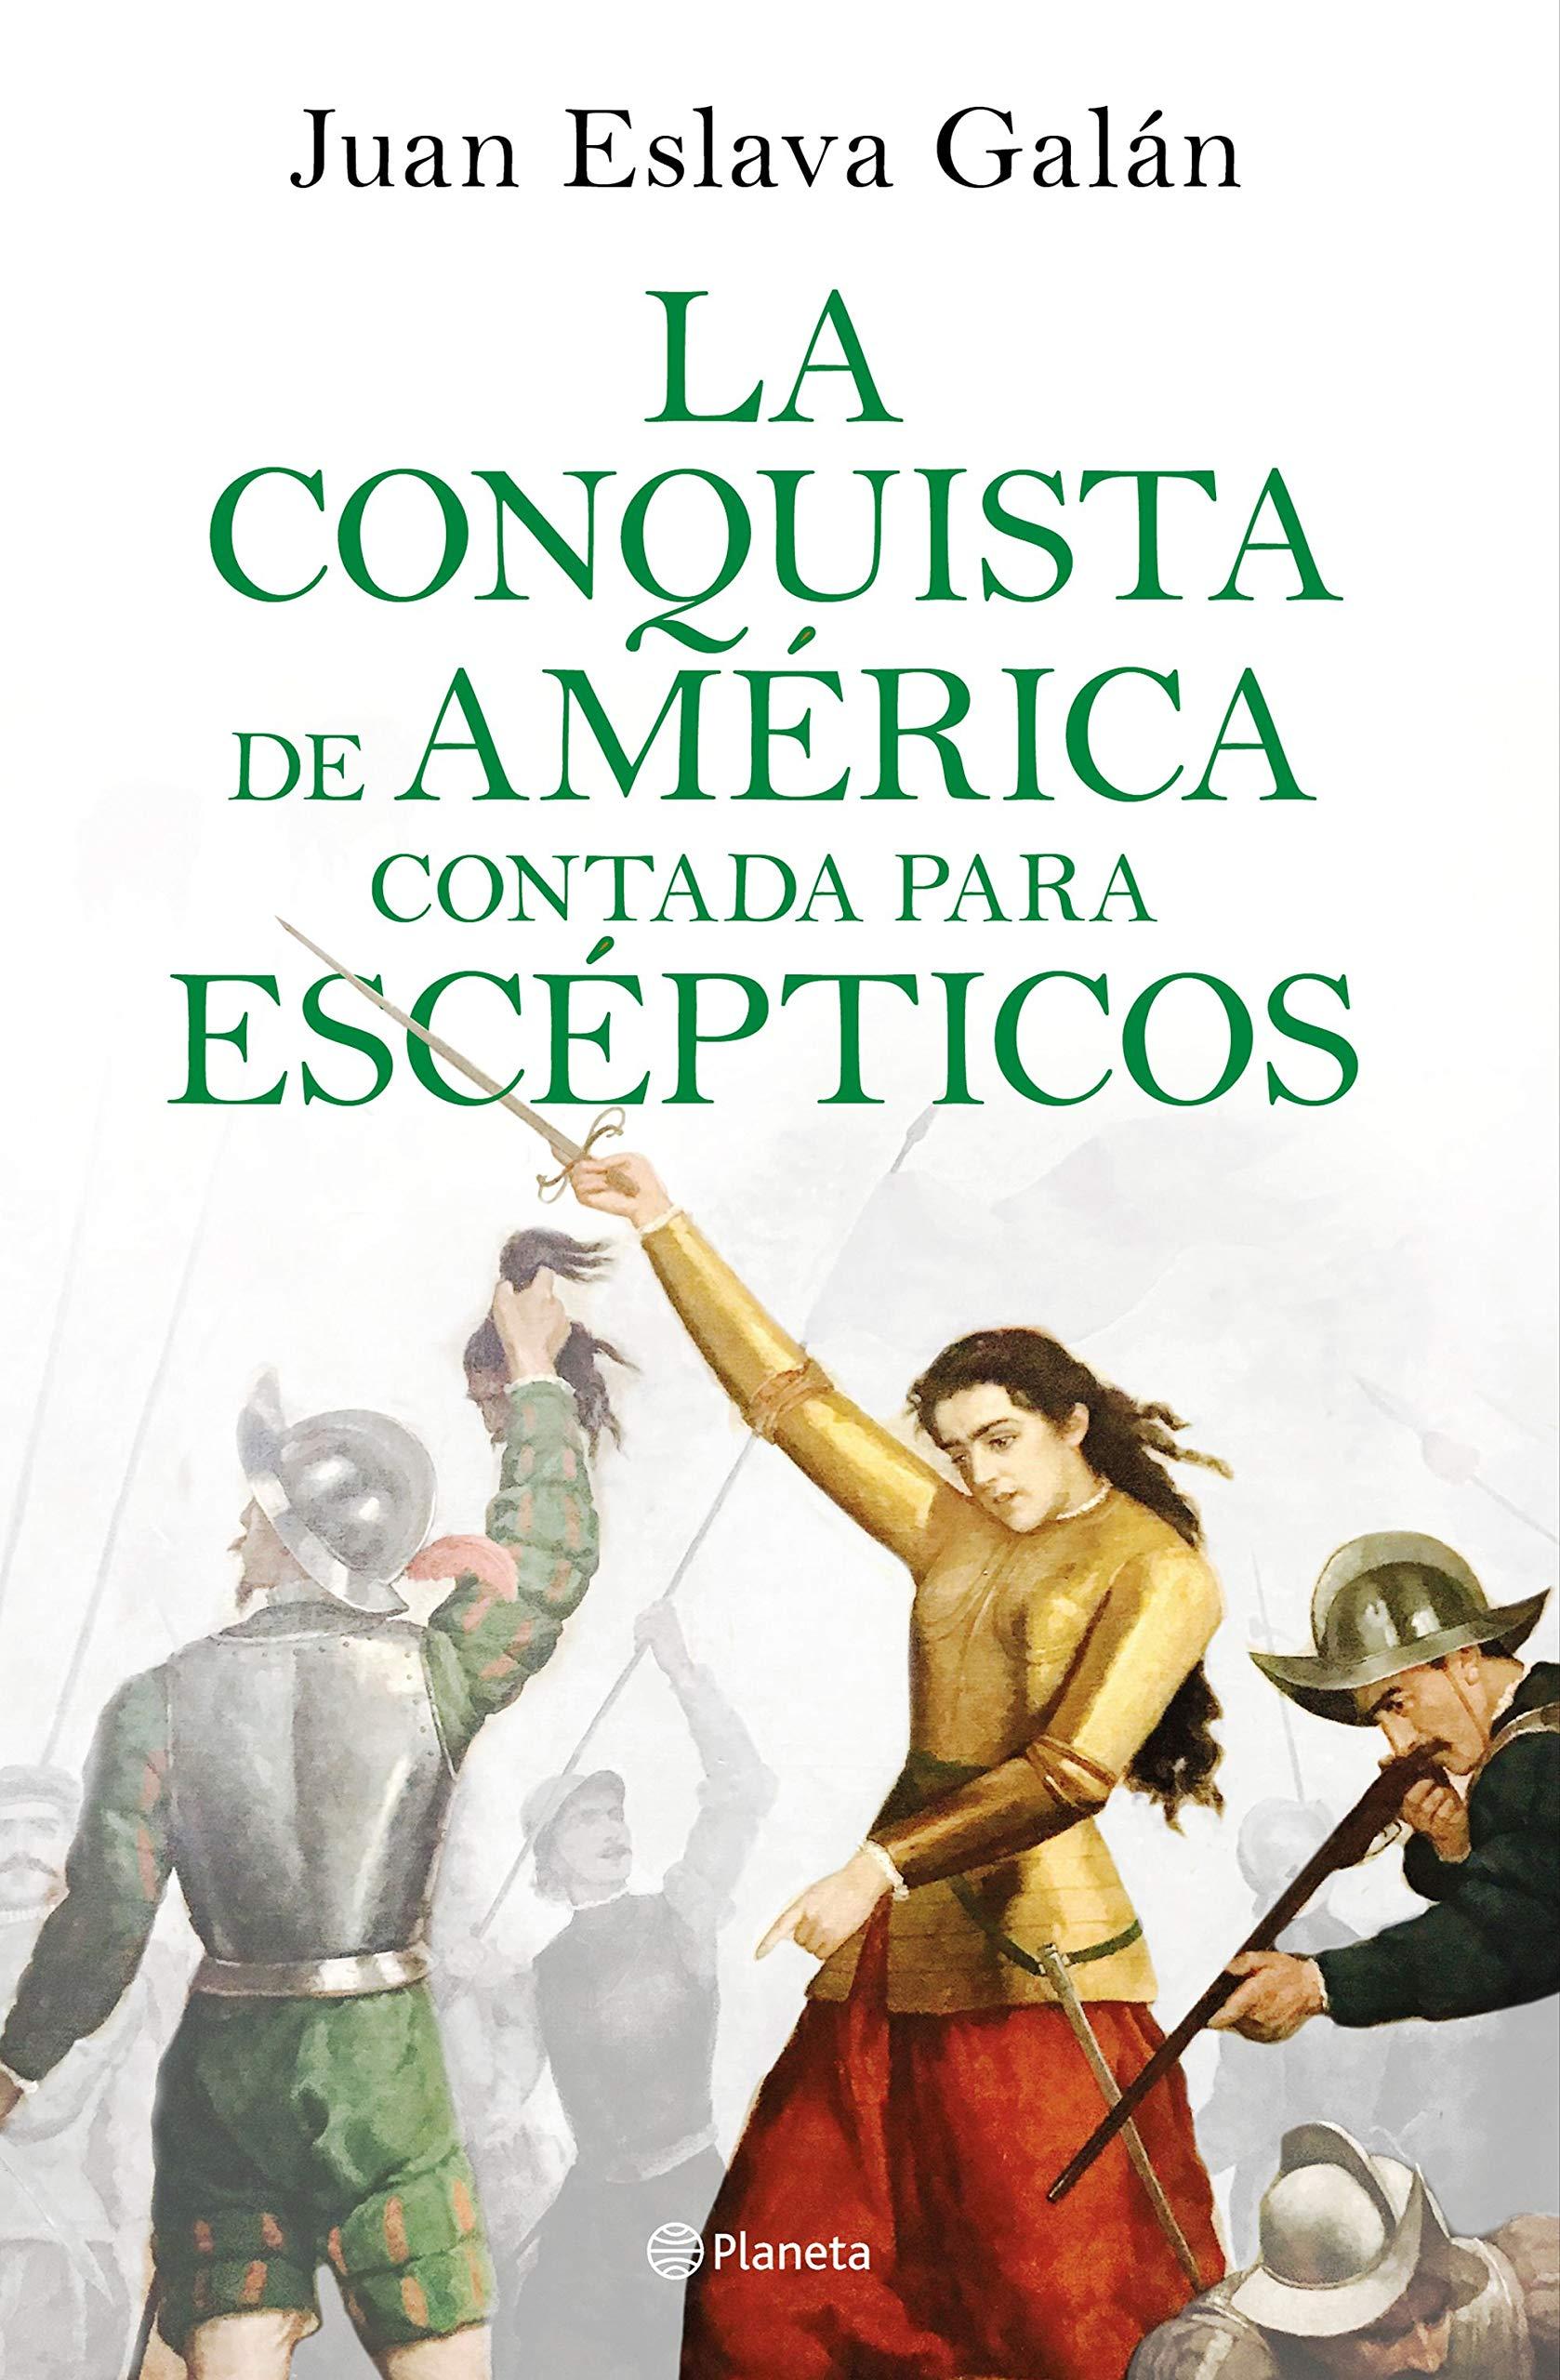 La conquista de América contada para escépticos por Juan Eslava Galán